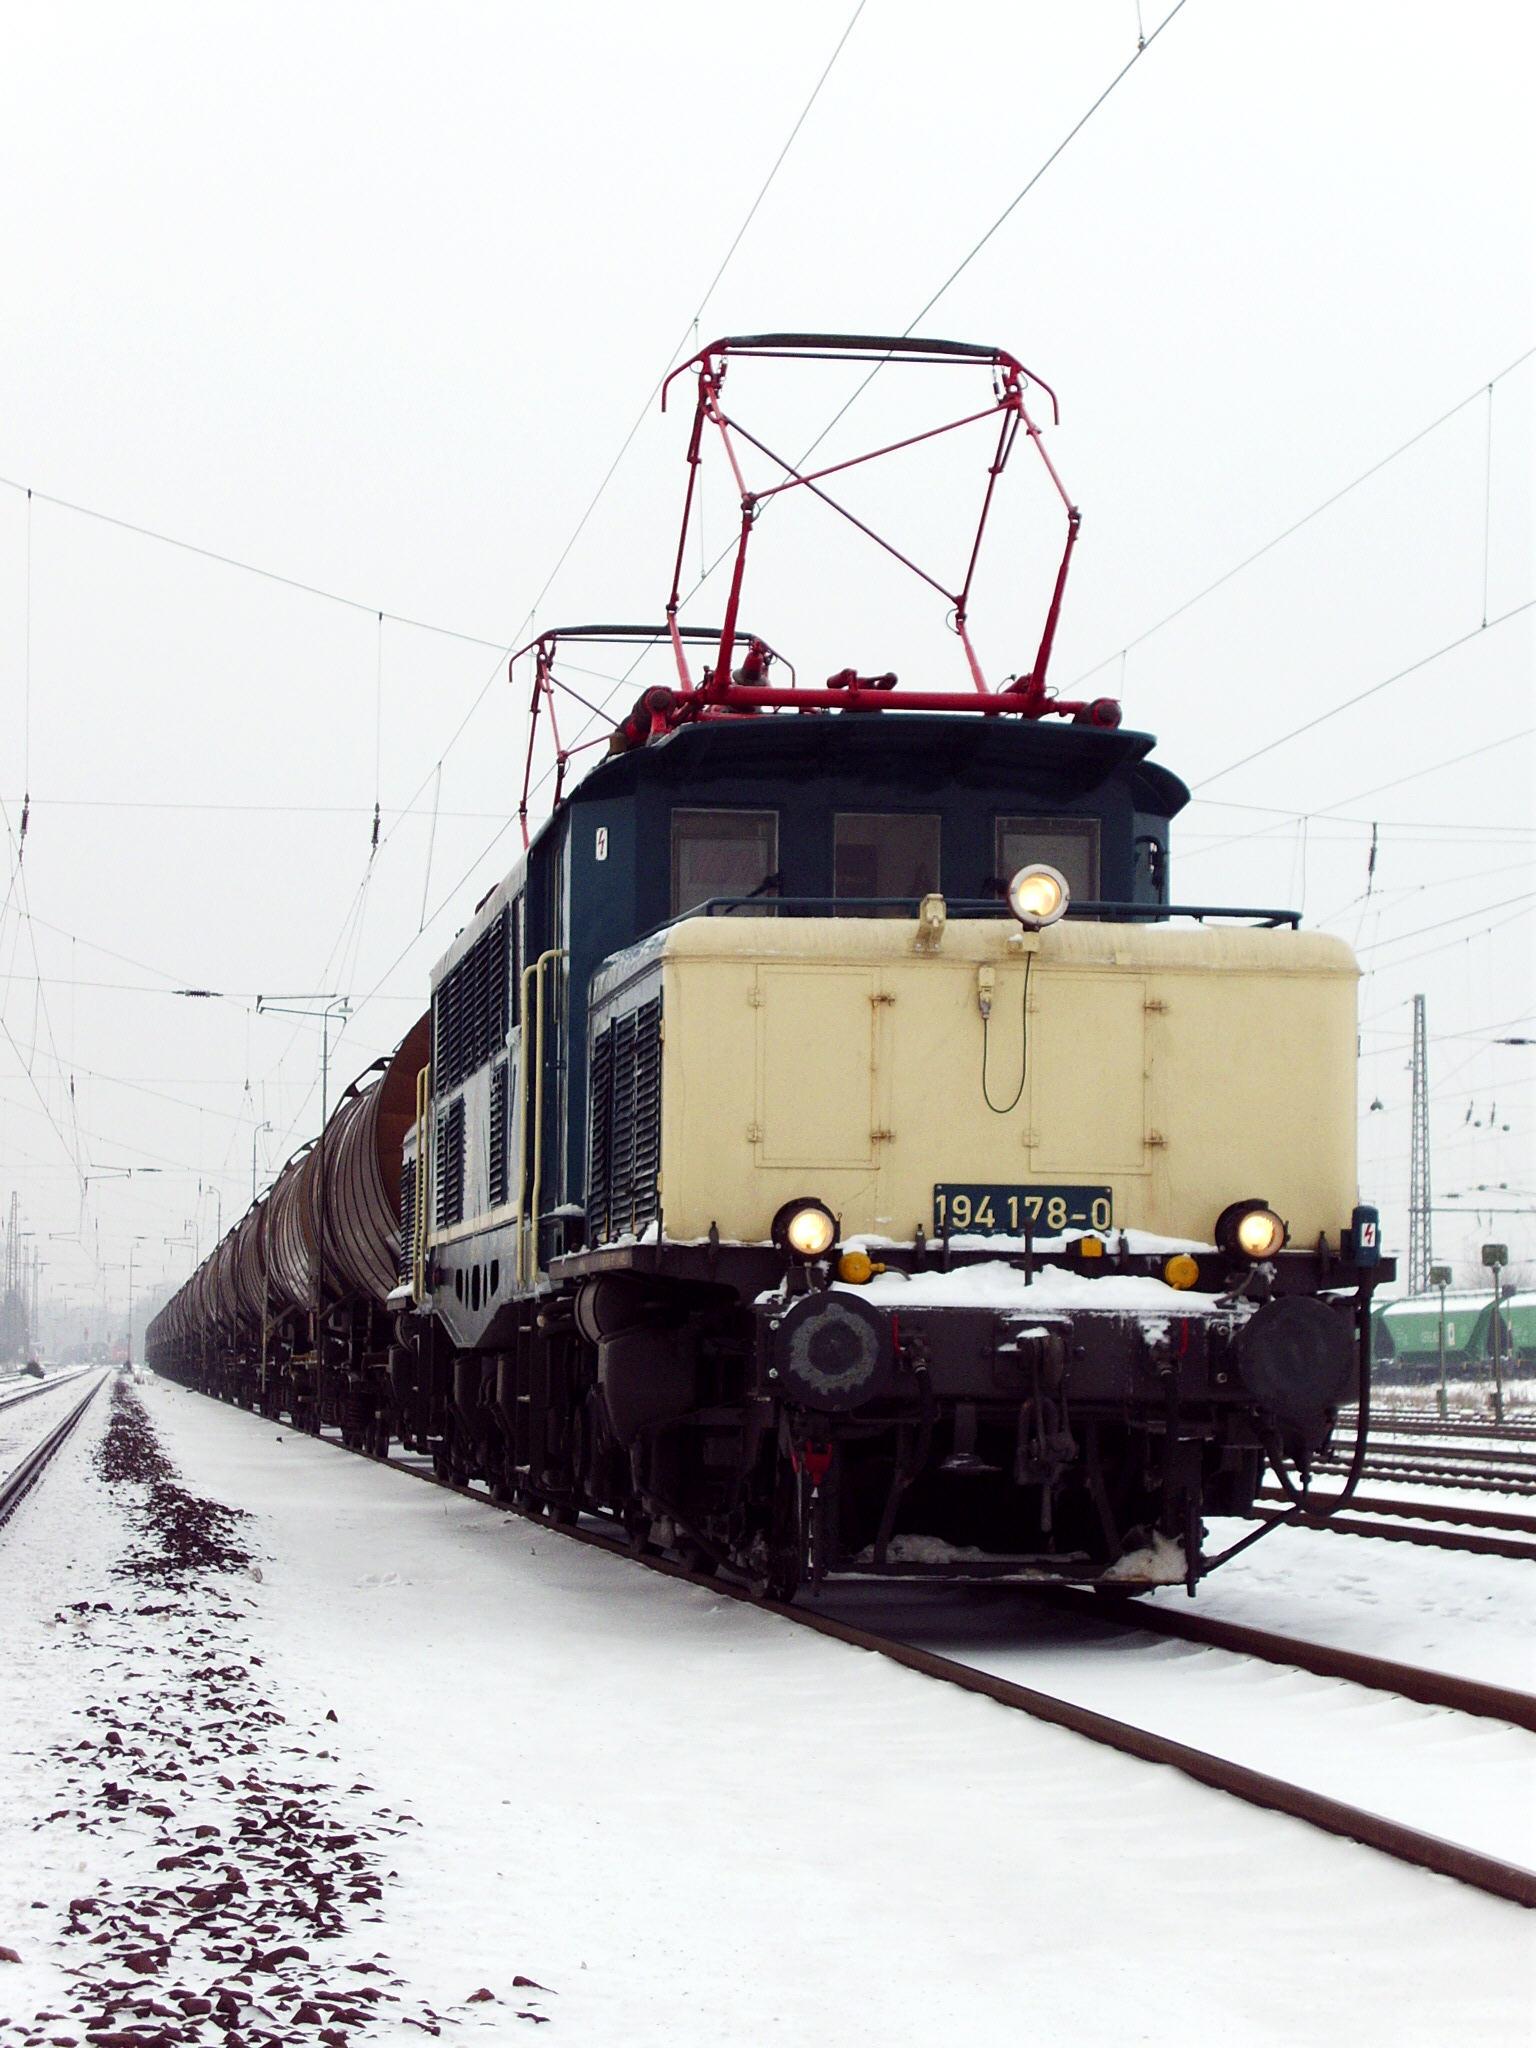 Zuverlässiger Öltransport mit 194 178-0 durch Darmstadt-Kranichstein